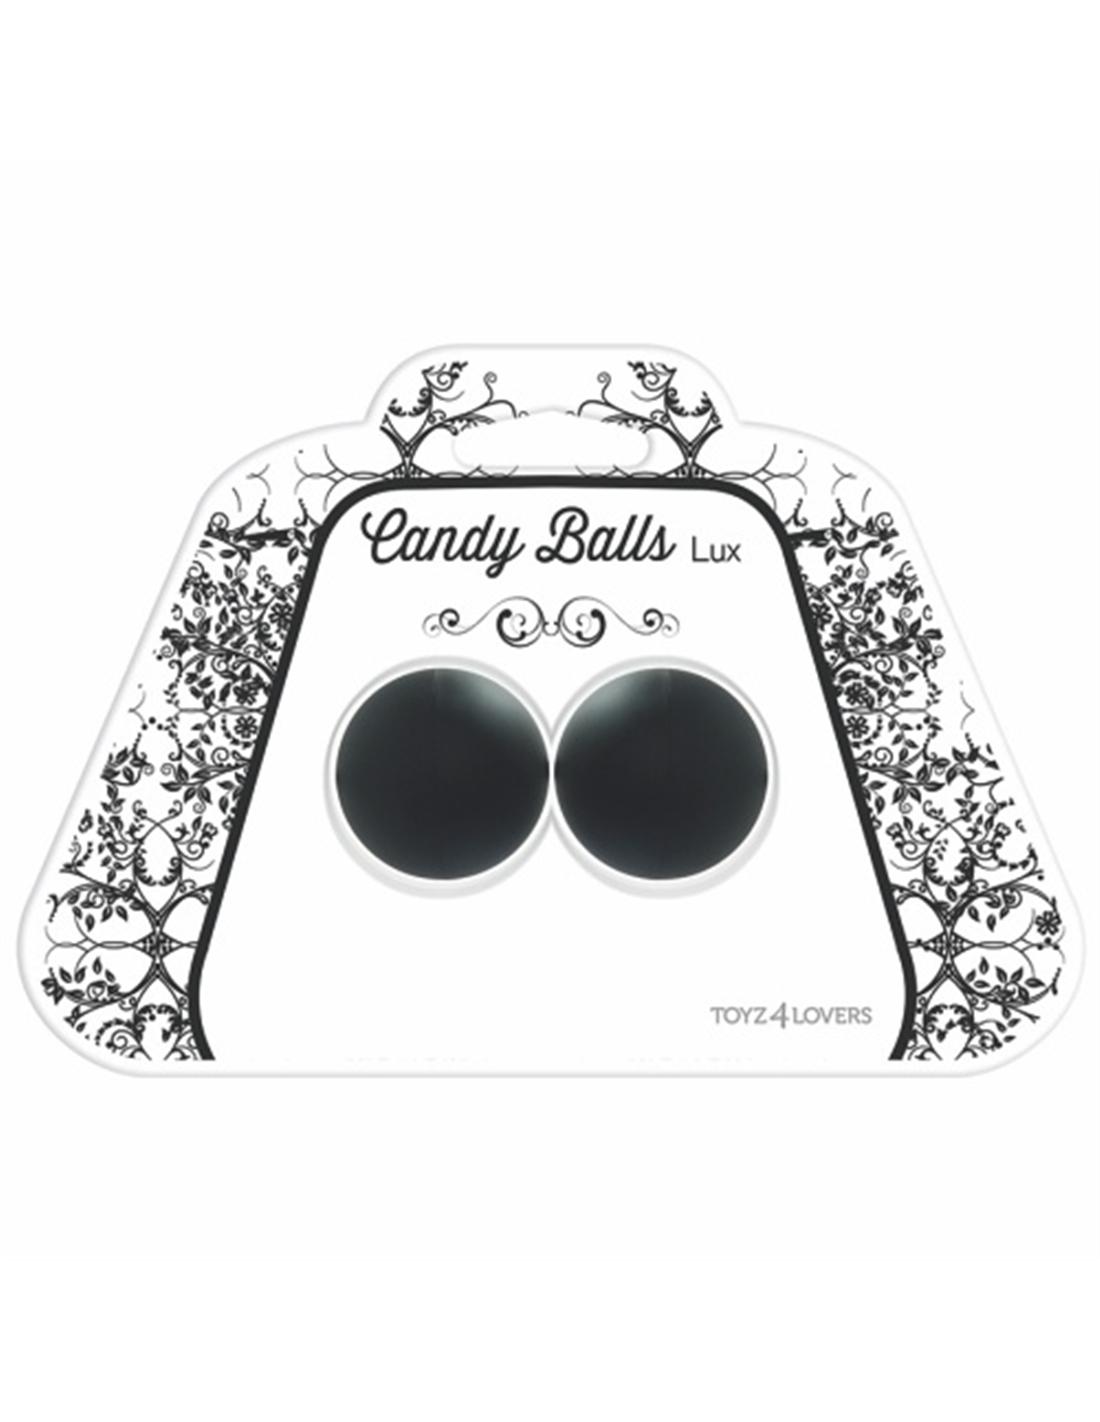 Bolas Vaginais Candy Balls Lux Pretas - PR2010322206